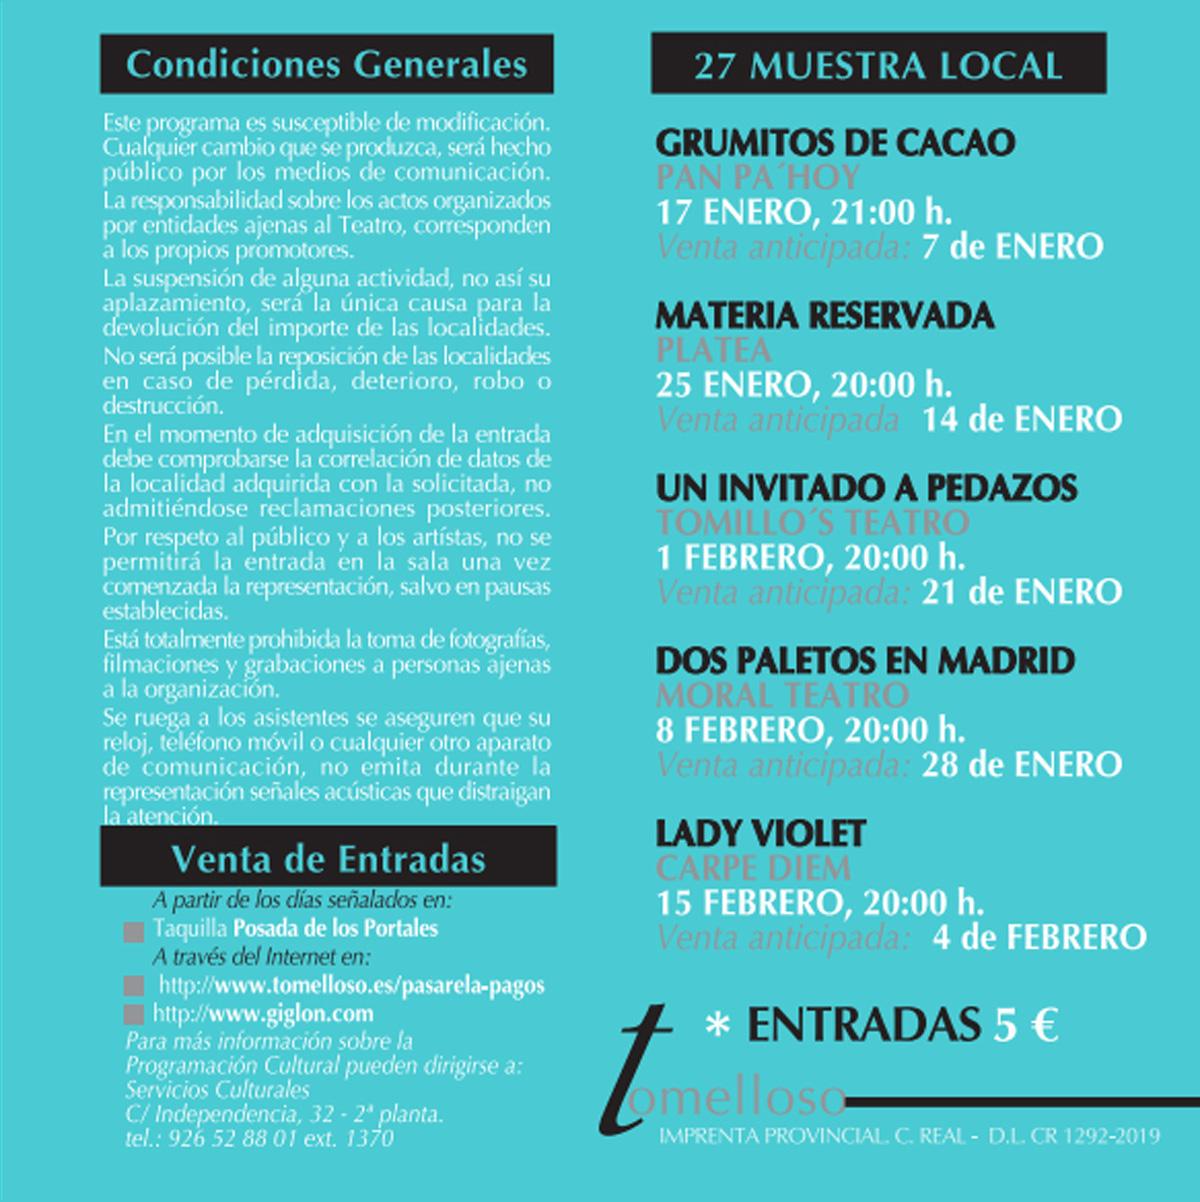 XXVII Muestra Local de Teatro Ciudad de Tomelloso 1